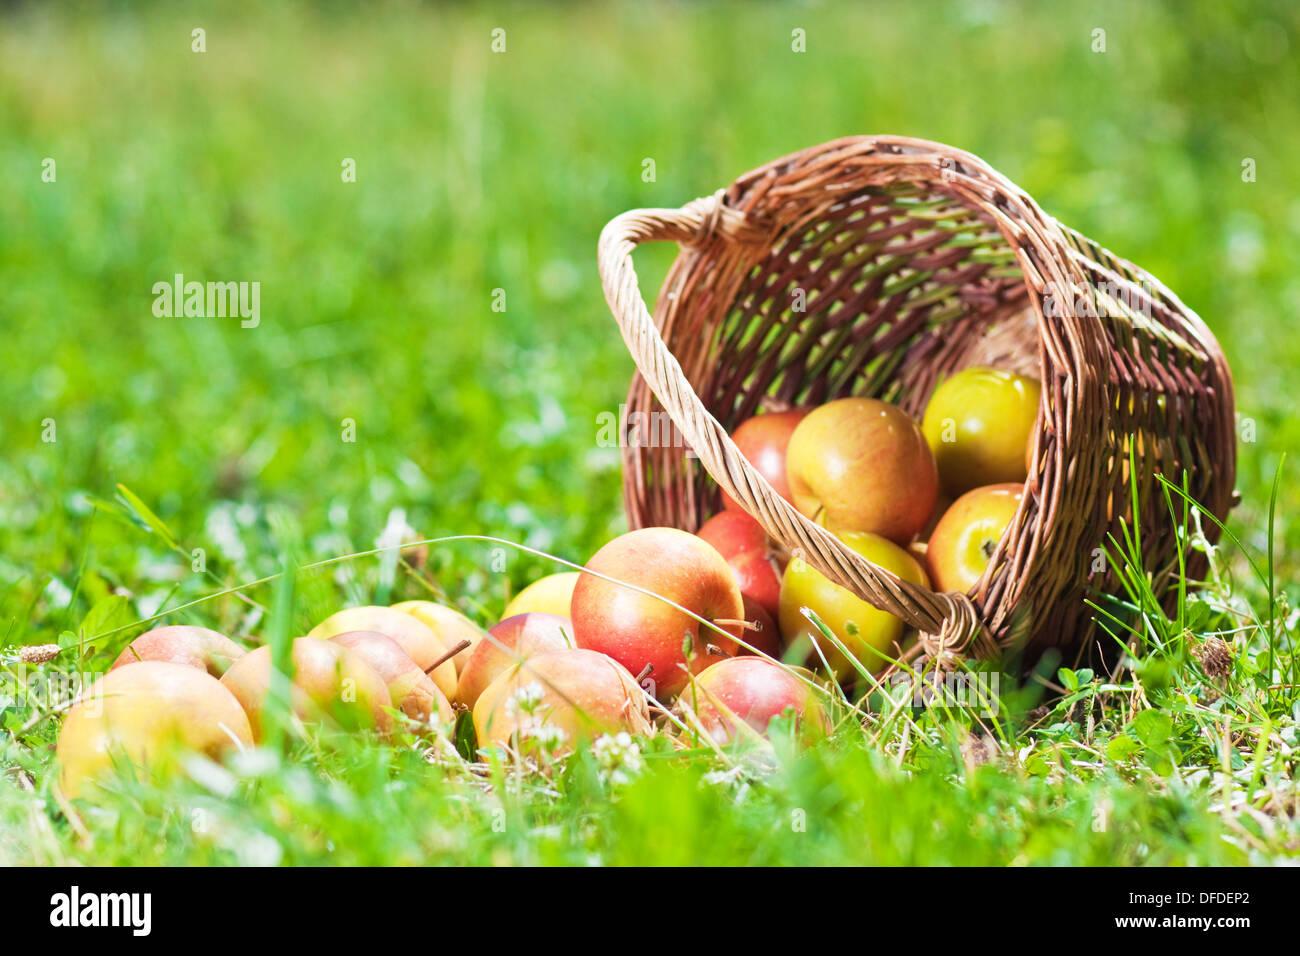 Mele mature in un cestello sull'erba Immagini Stock